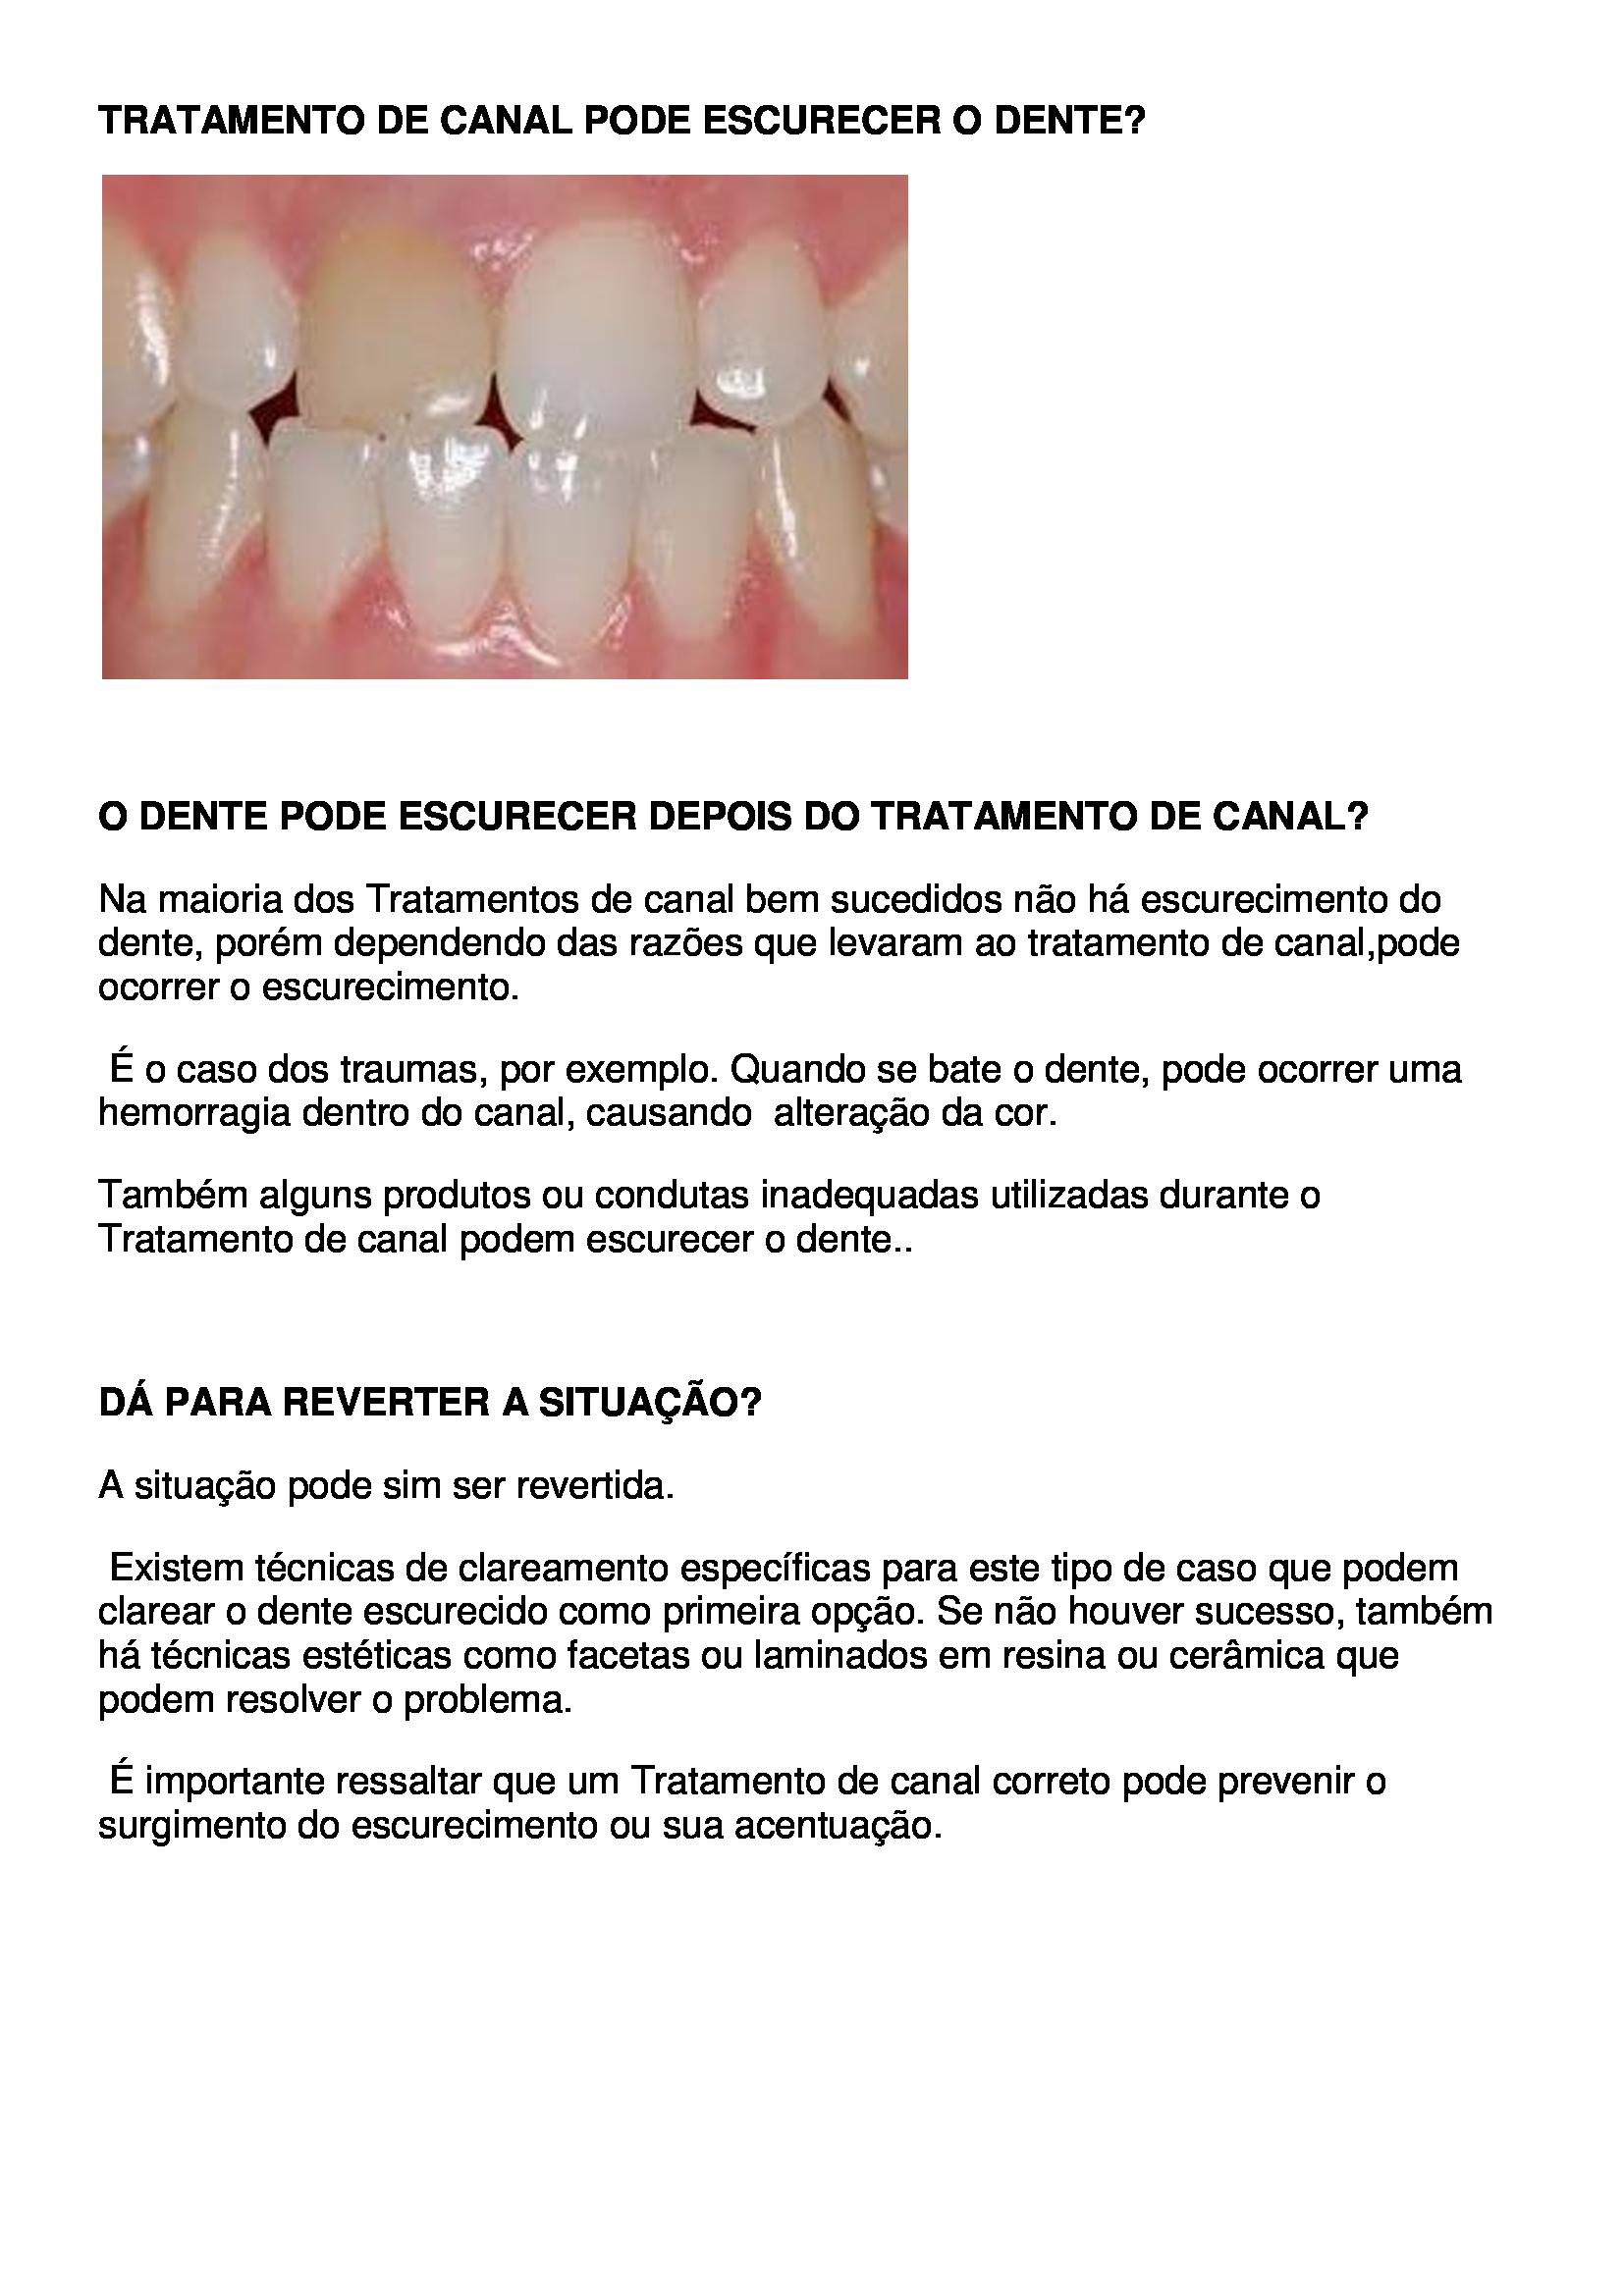 Drª Francine Saran Tratamento De Canal Pode Escurecer O Dente